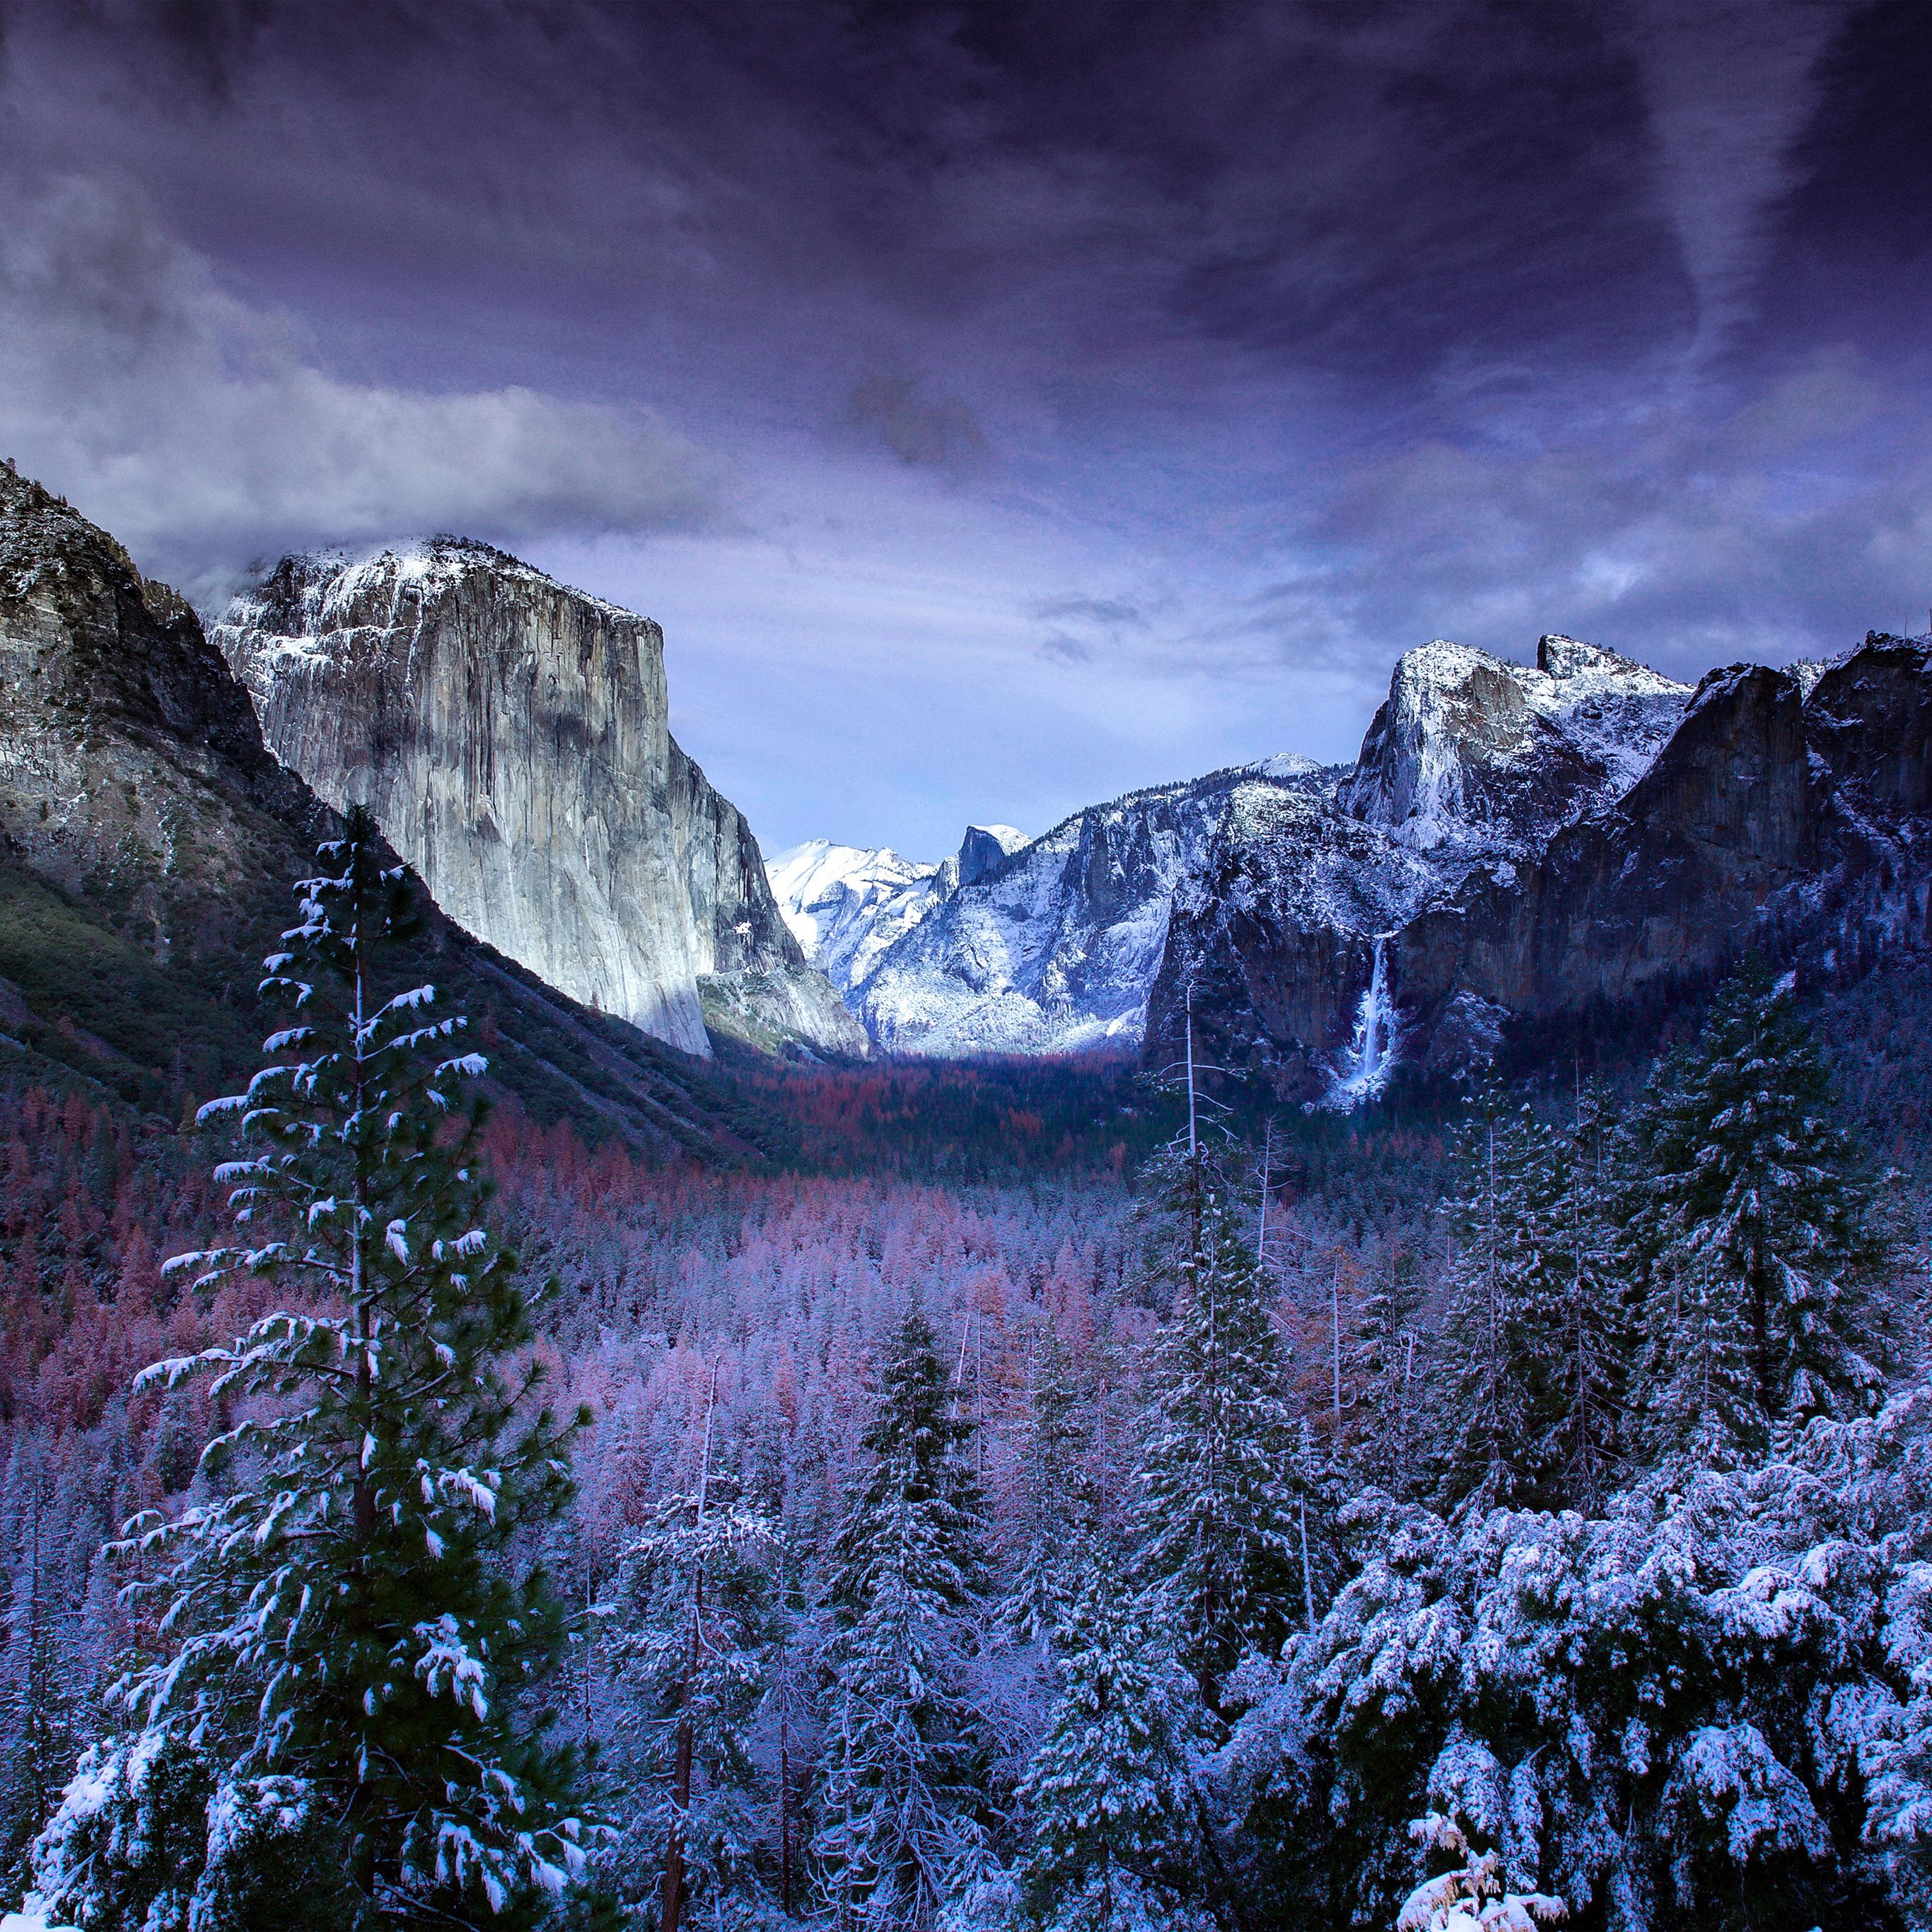 Winter Mountain Landscape 4k Hd Desktop Wallpaper For Yosemite Iphone Wallpaper Hd 1864277 Hd Wallpaper Backgrounds Download